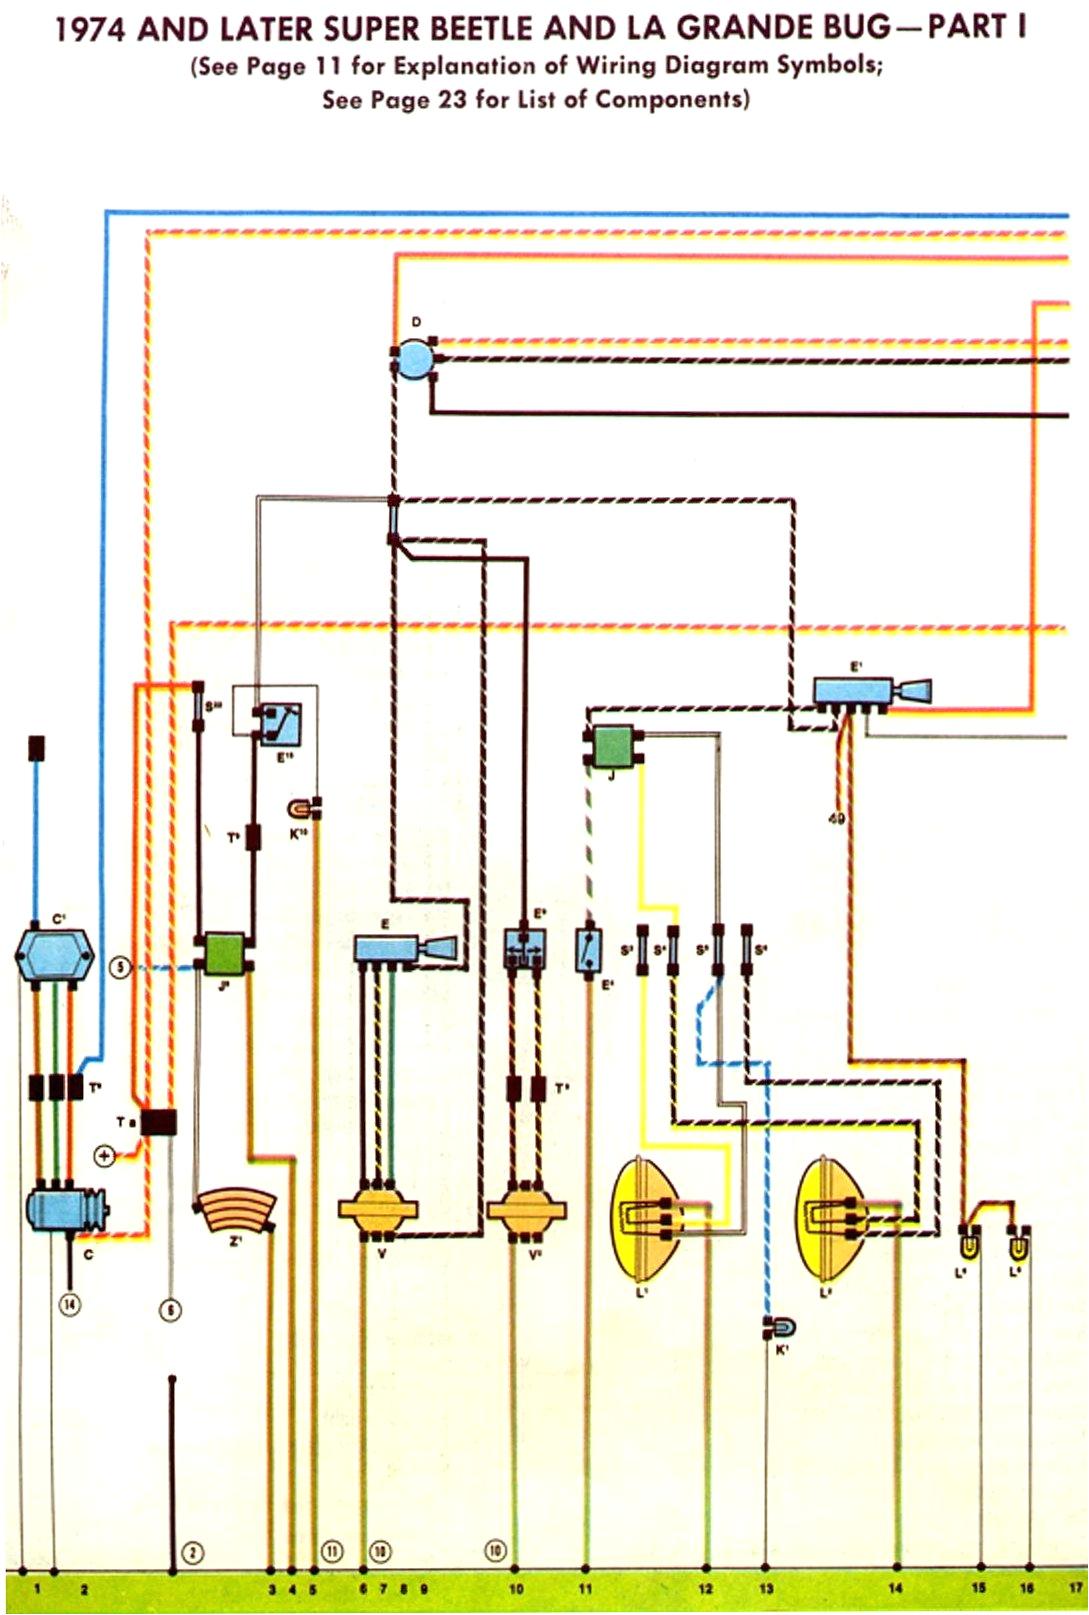 Beetle Wiring Diagram 73 Beetle Fuse Diagram Wiring Diagram